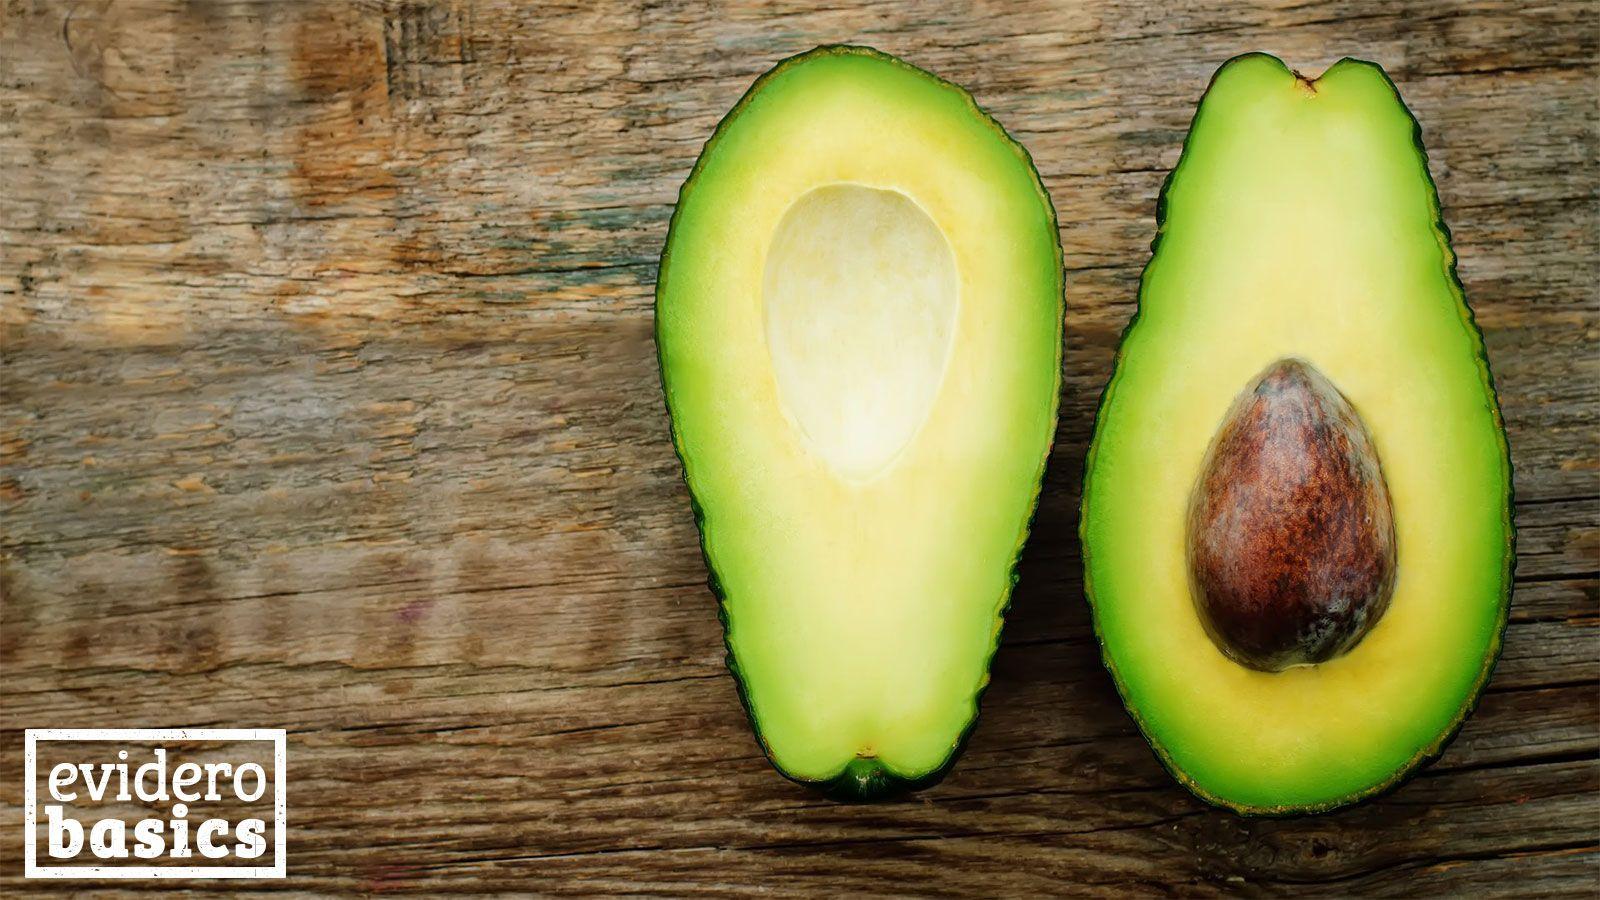 Der Kern der Avocado ist essbar und sehr gesund